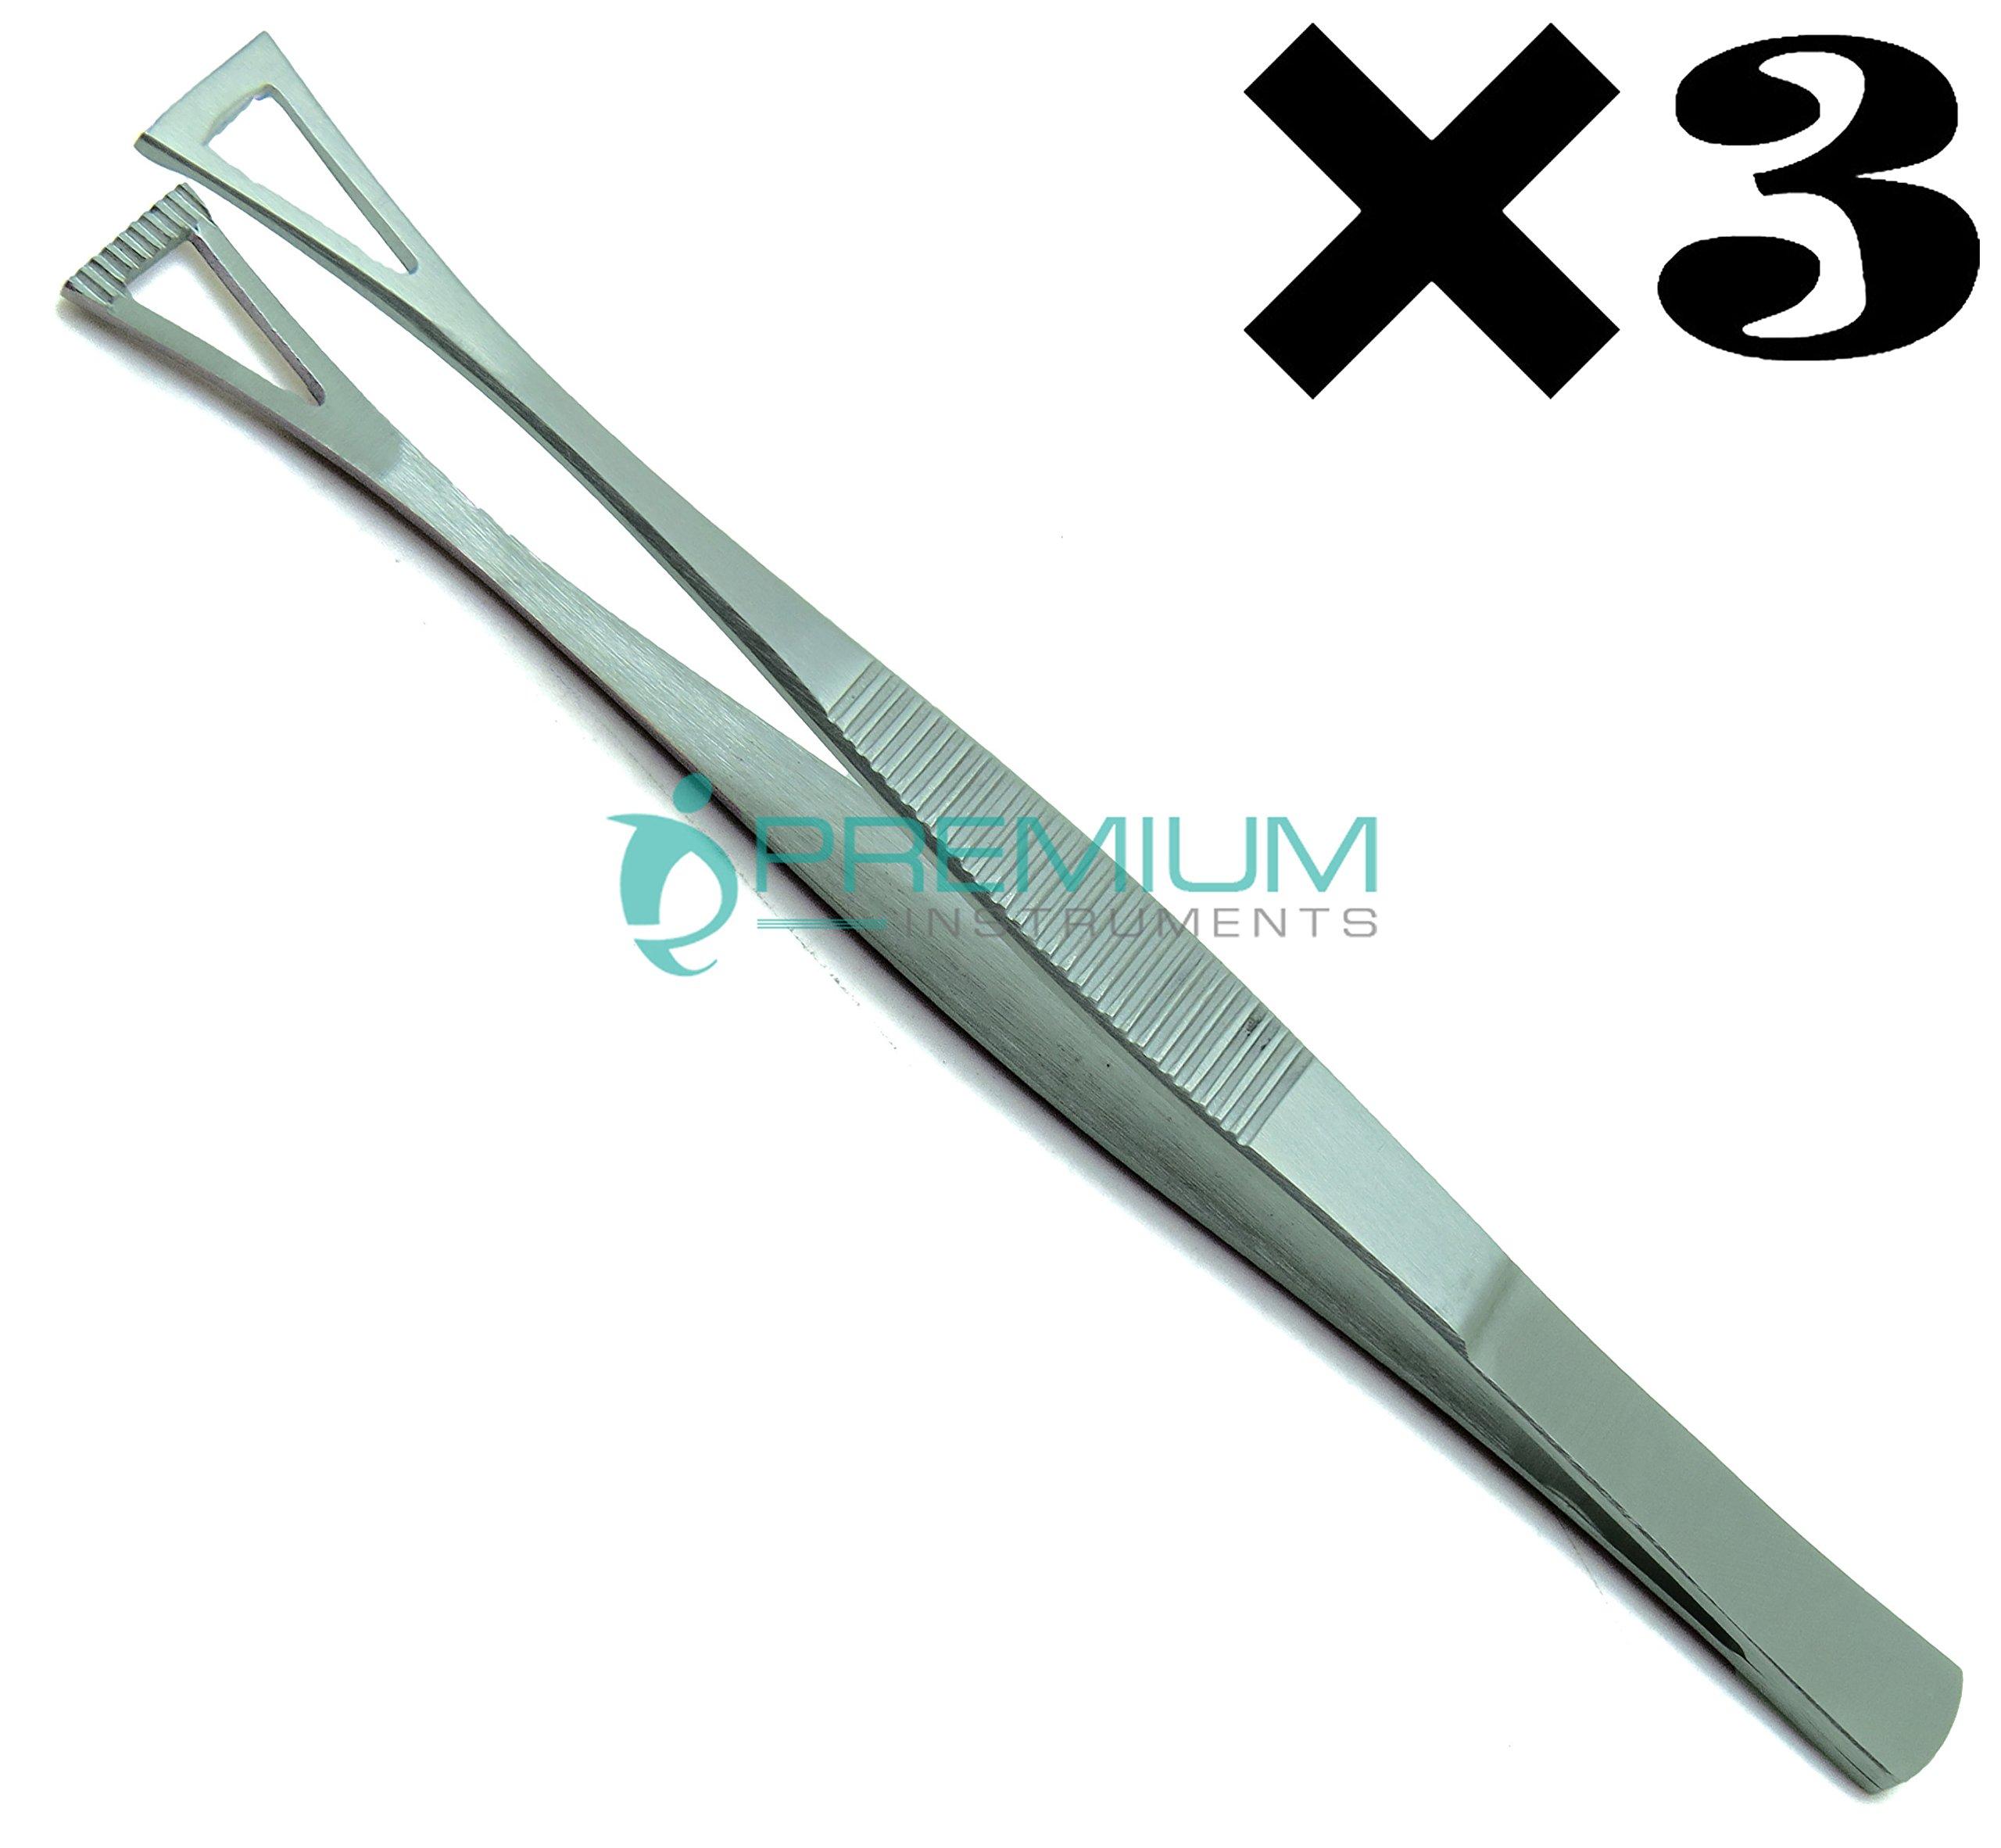 3× Collin Duval Tissue Forceps 15cm Body Piercing Tweezer Premium Instruments